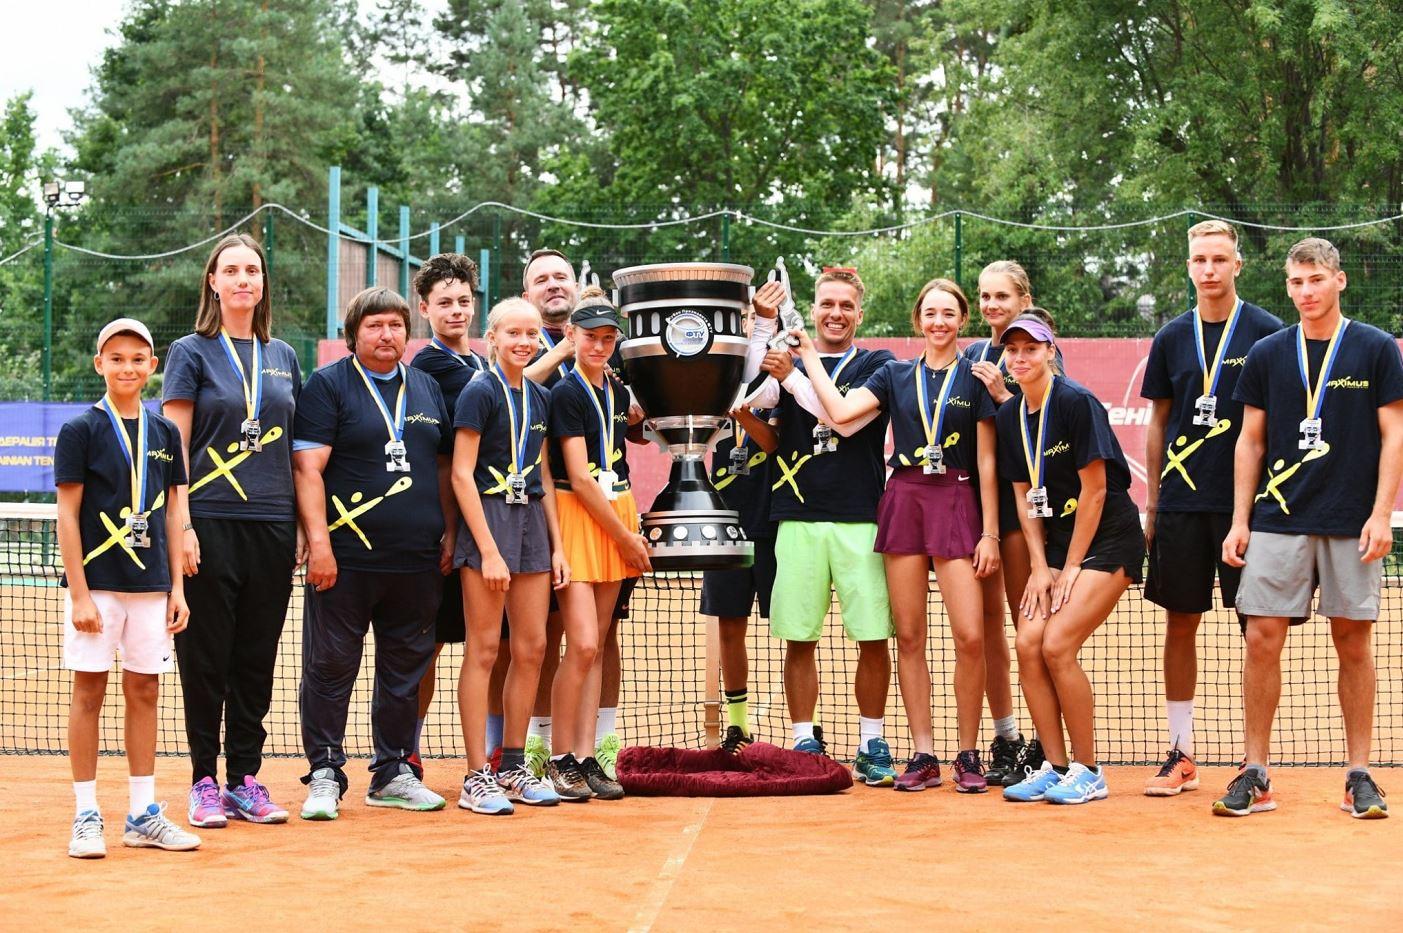 Тенісний Ірпінь: дніпровський «MAXIMUS» – переможець першого Кубка президента ФТУ - теніс, спортивний турнір, спорт, Приірпіння, київщина, ірпінь, Дніпро - Ten Kub 0